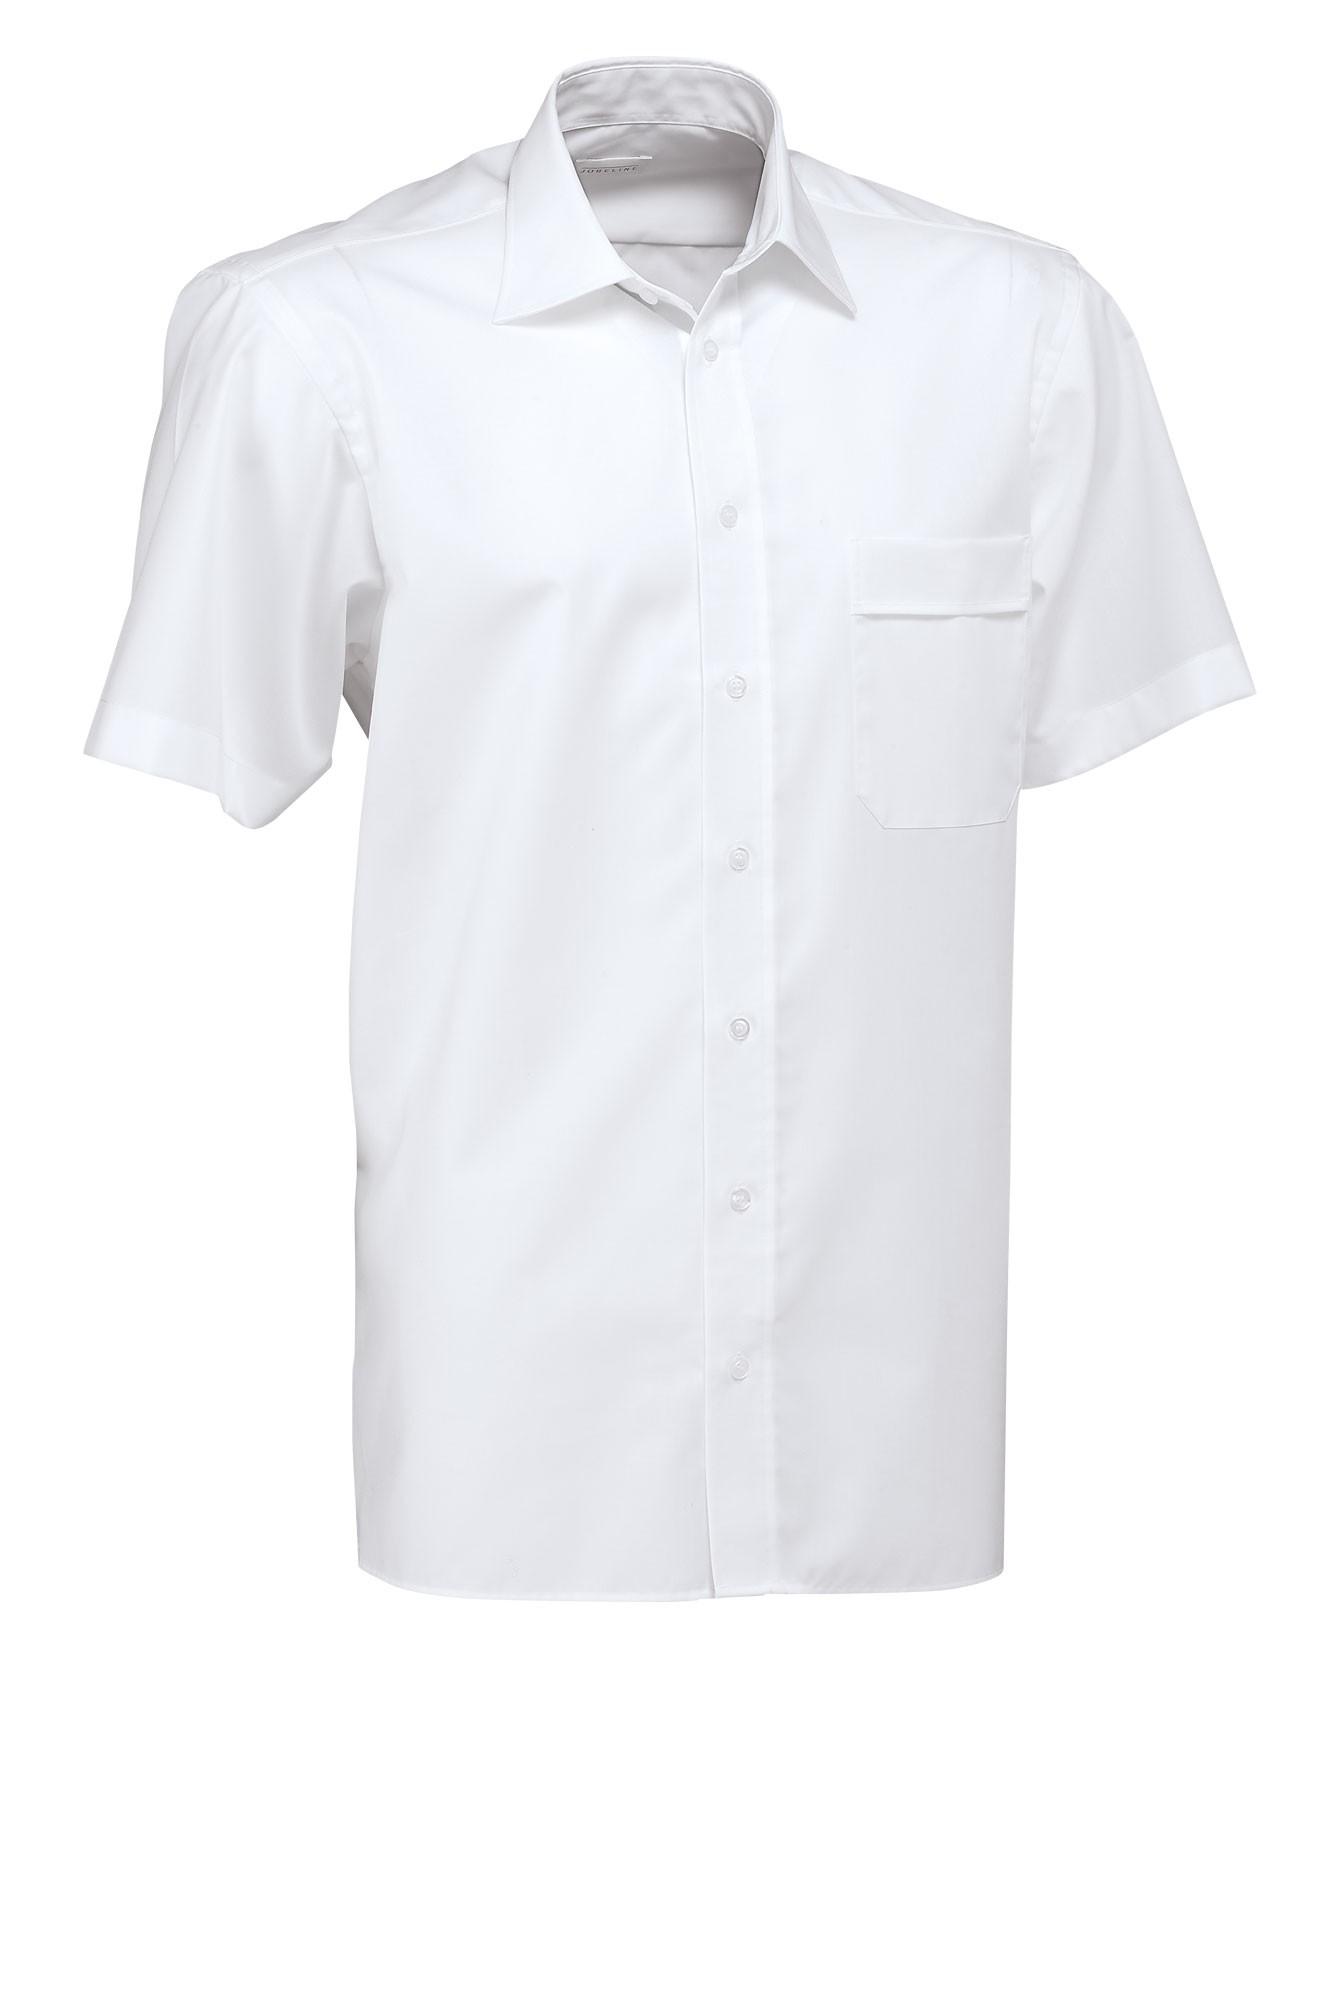 Pánská košile Marc - bílá/krátký rukáv